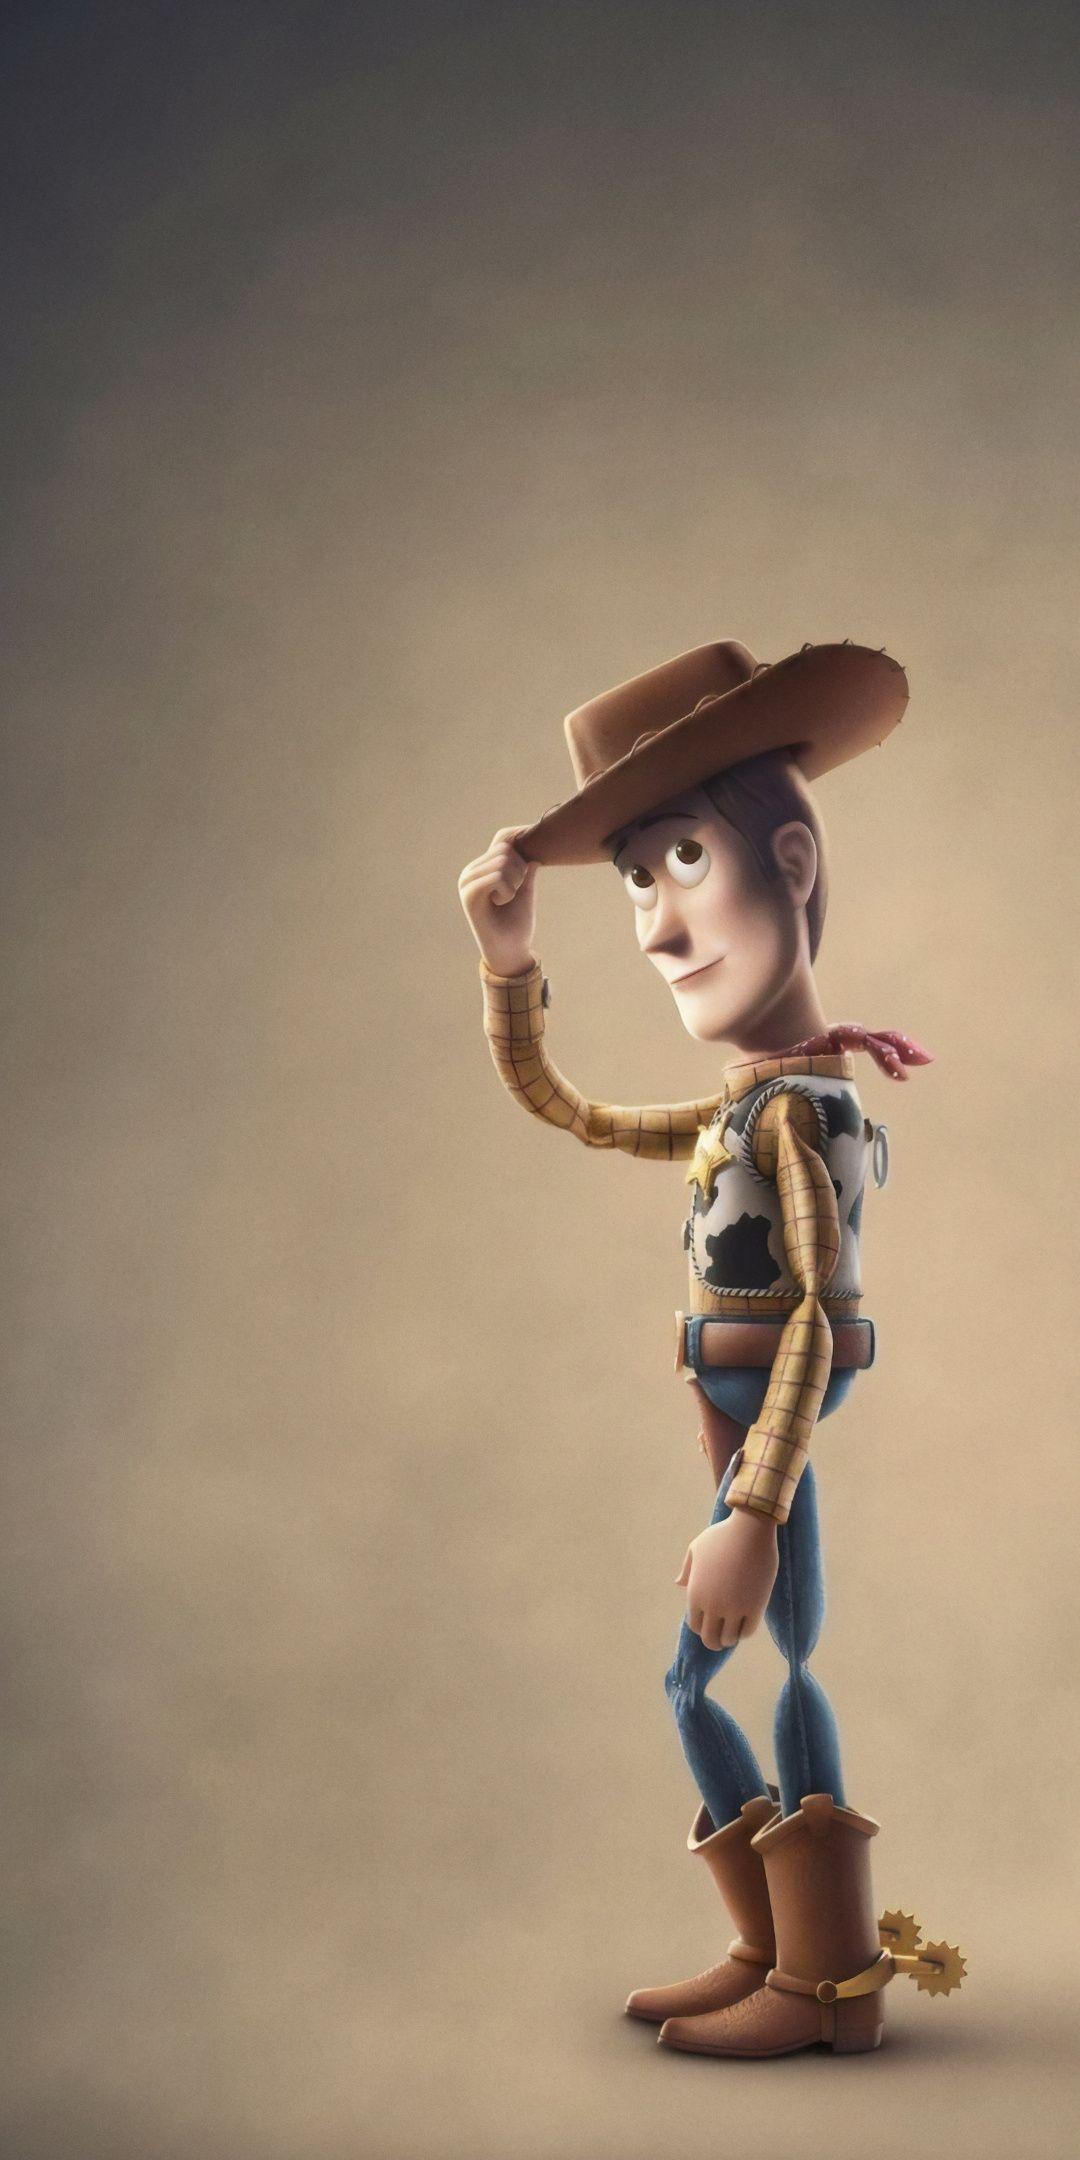 Arquivos Toy Story Burn Book Em 2020 Filmes De Animacao Toy